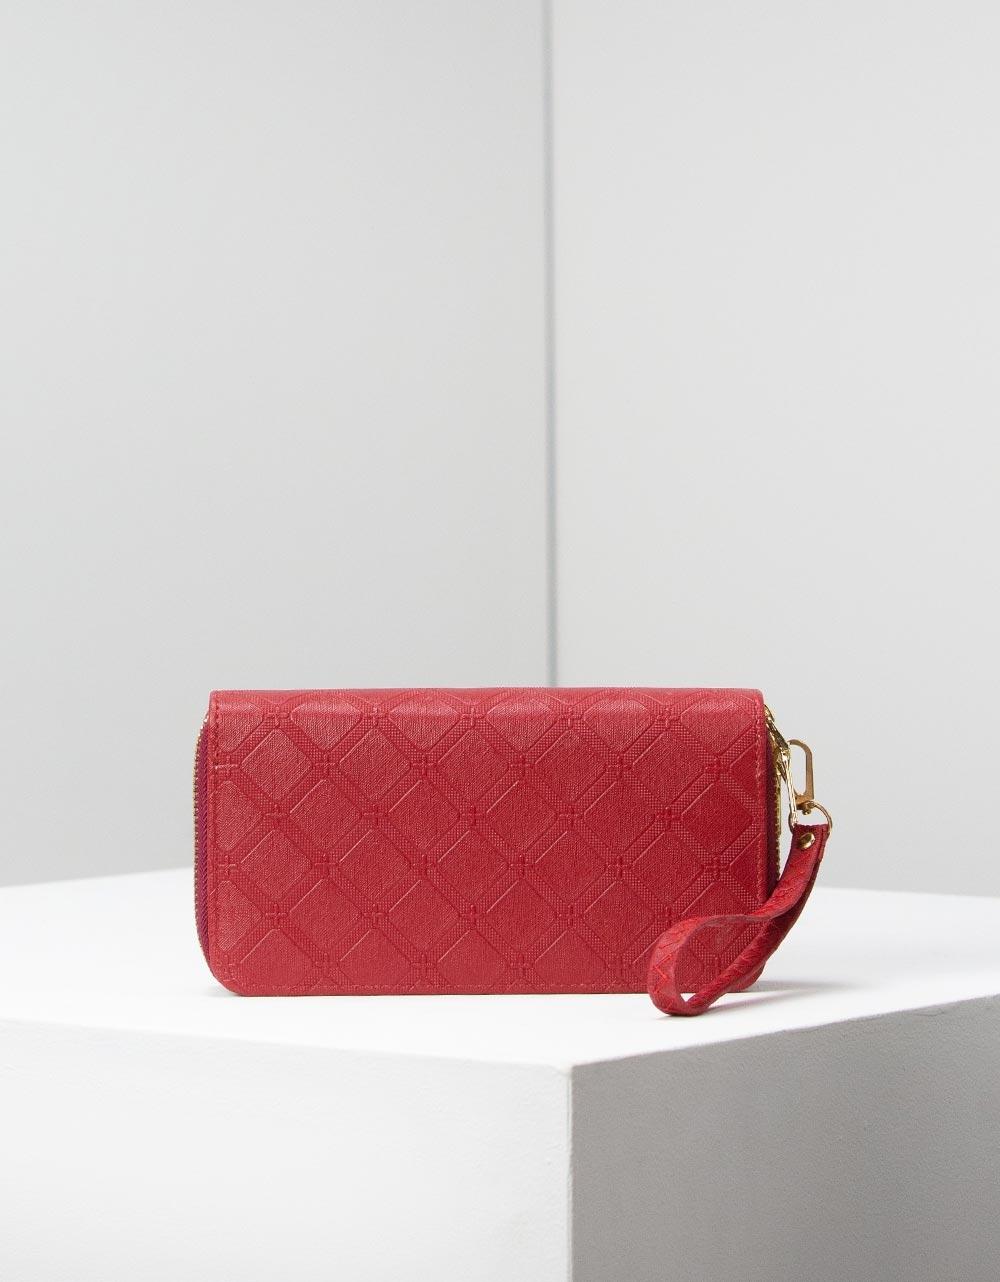 Εικόνα από Γυναικεία πορτοφόλια με φερμουάρ Κόκκινο